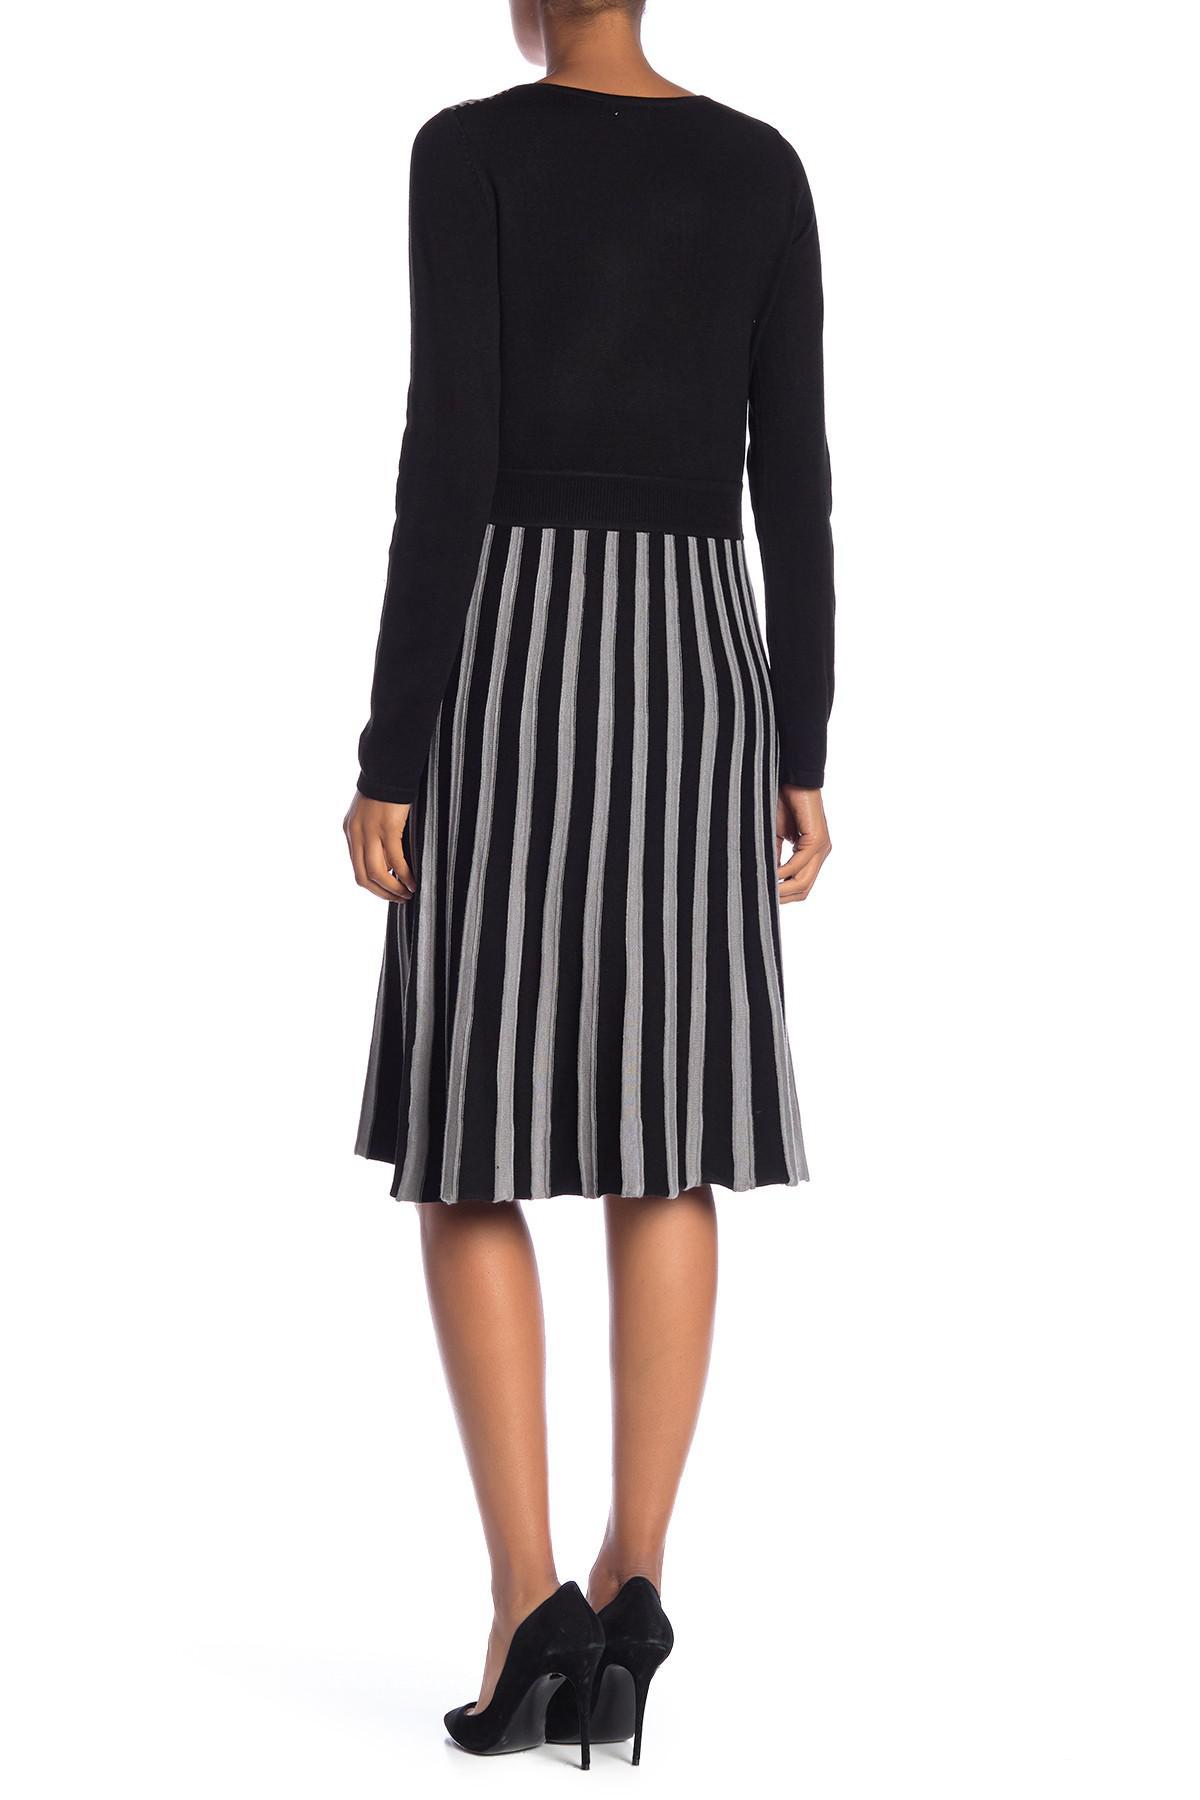 d084ef10847 Spense Fit   Flare Stripe Sweater Dress in Black - Lyst